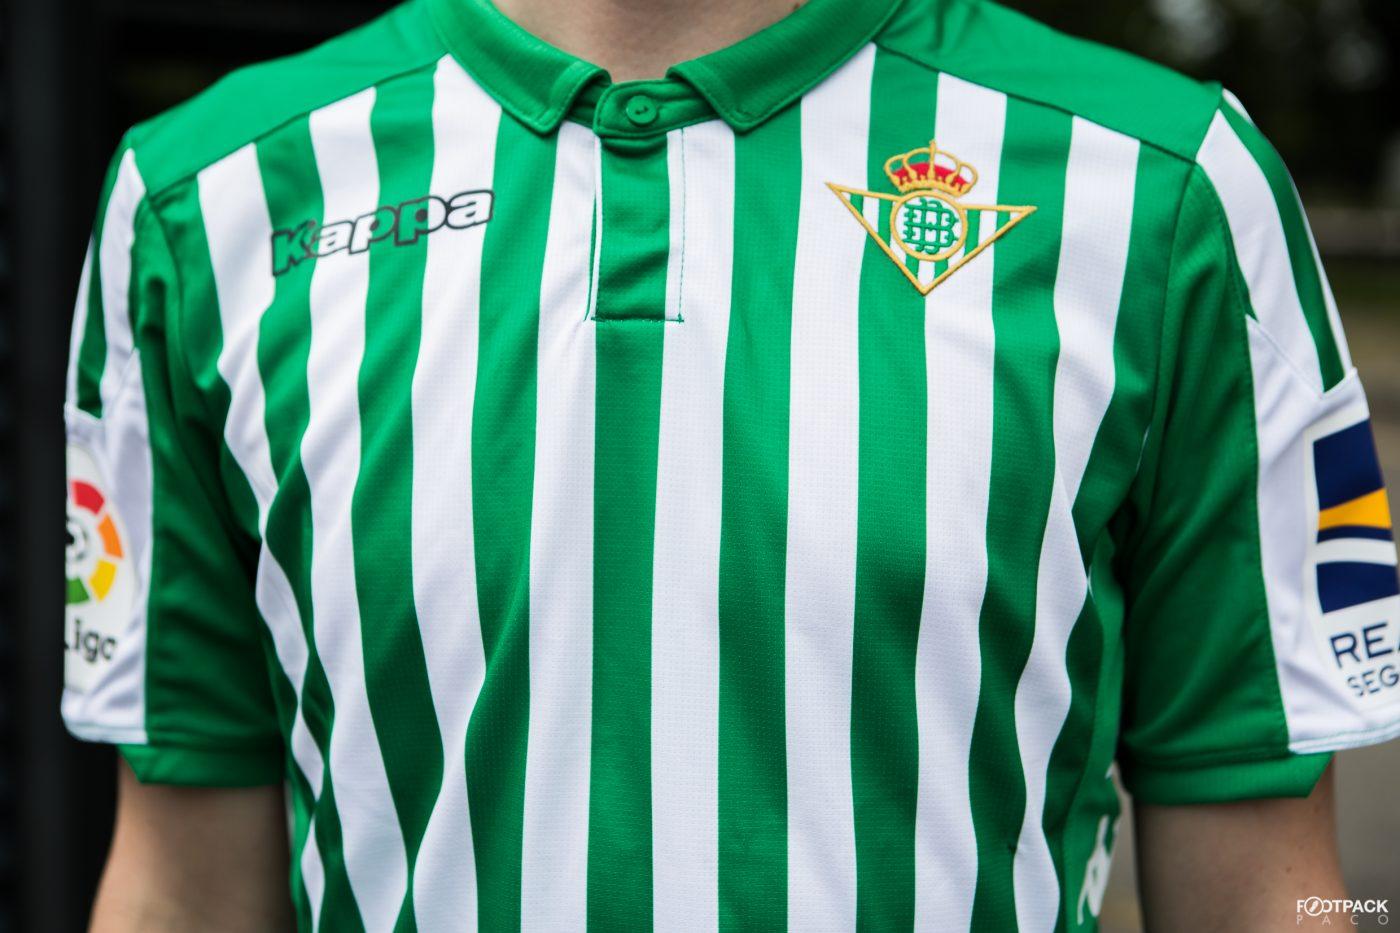 maillot-football-kappa-betis-seville-saison-2019-2020-footpack-mai-2019-4